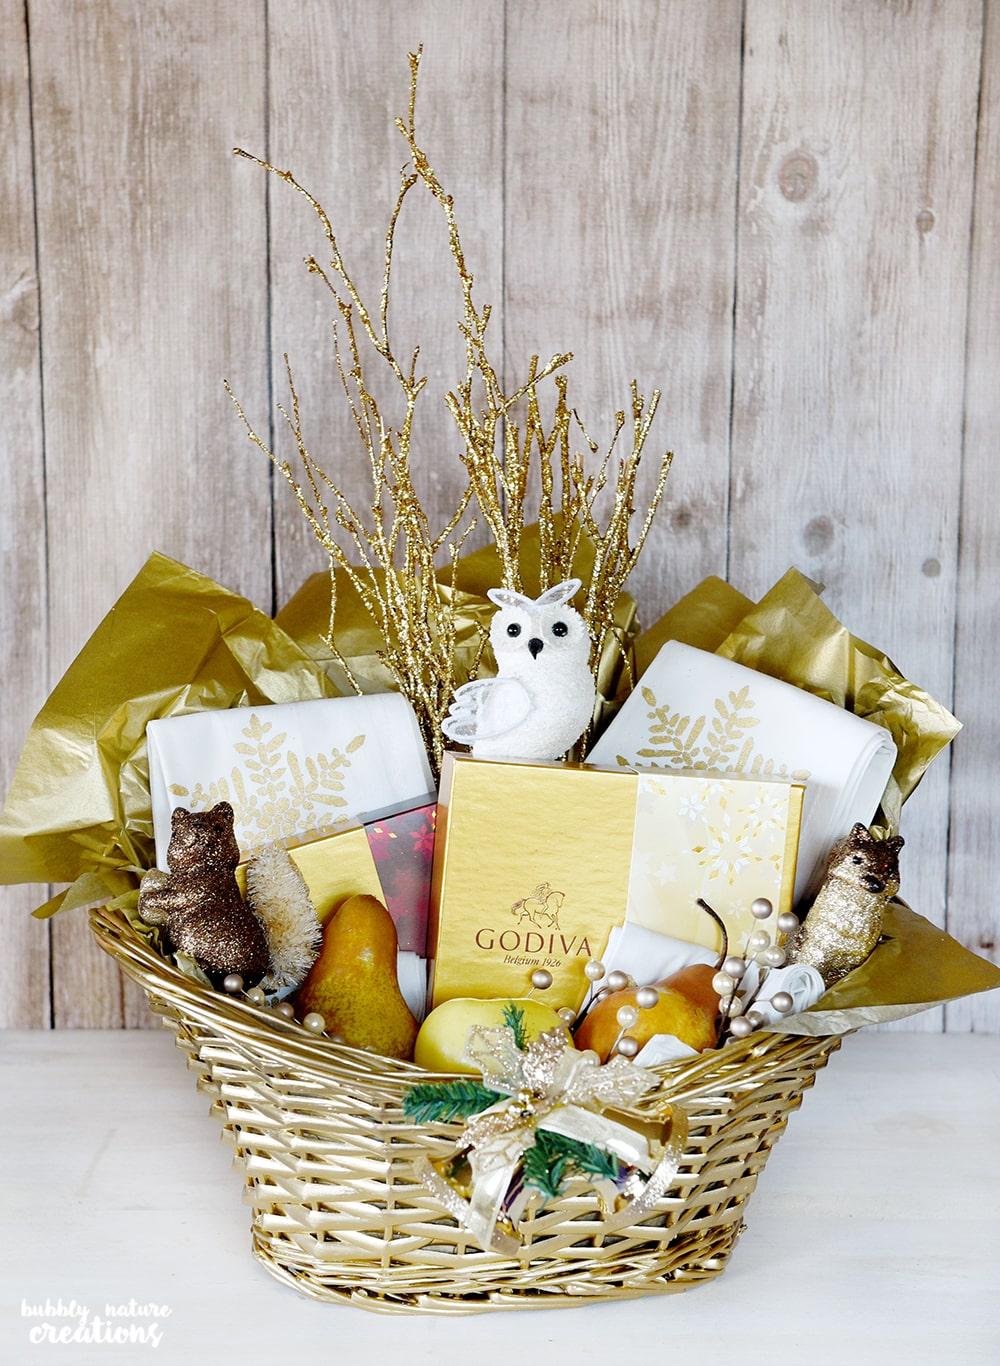 Gold Gift Basket w Godiva Chocolates!